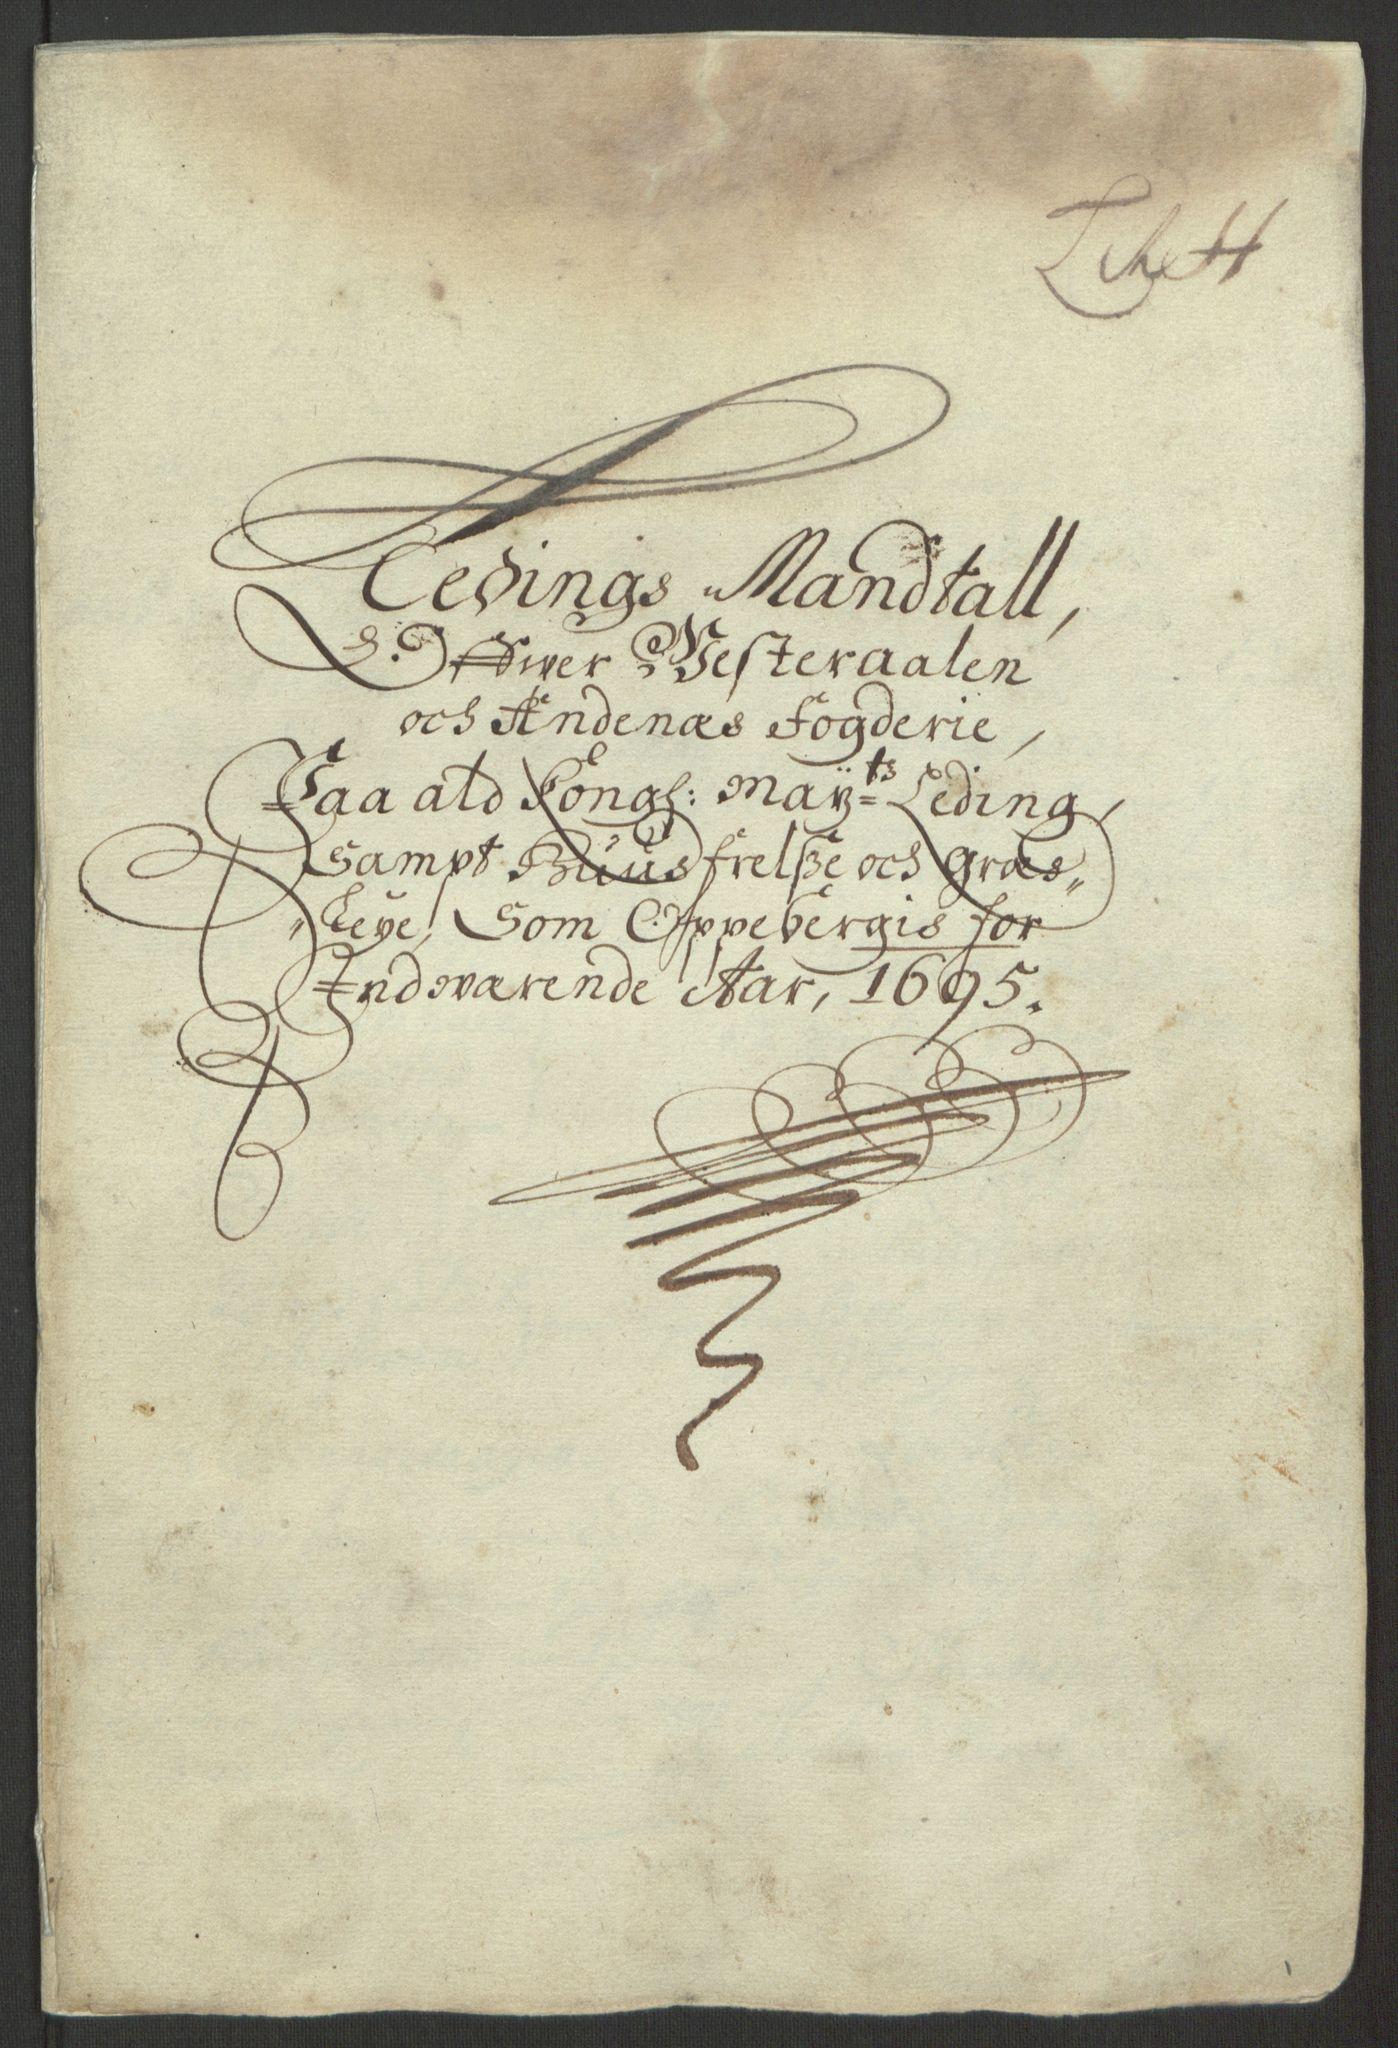 RA, Rentekammeret inntil 1814, Reviderte regnskaper, Fogderegnskap, R67/L4677: Fogderegnskap Vesterålen, Andenes og Lofoten, 1694-1695, s. 277